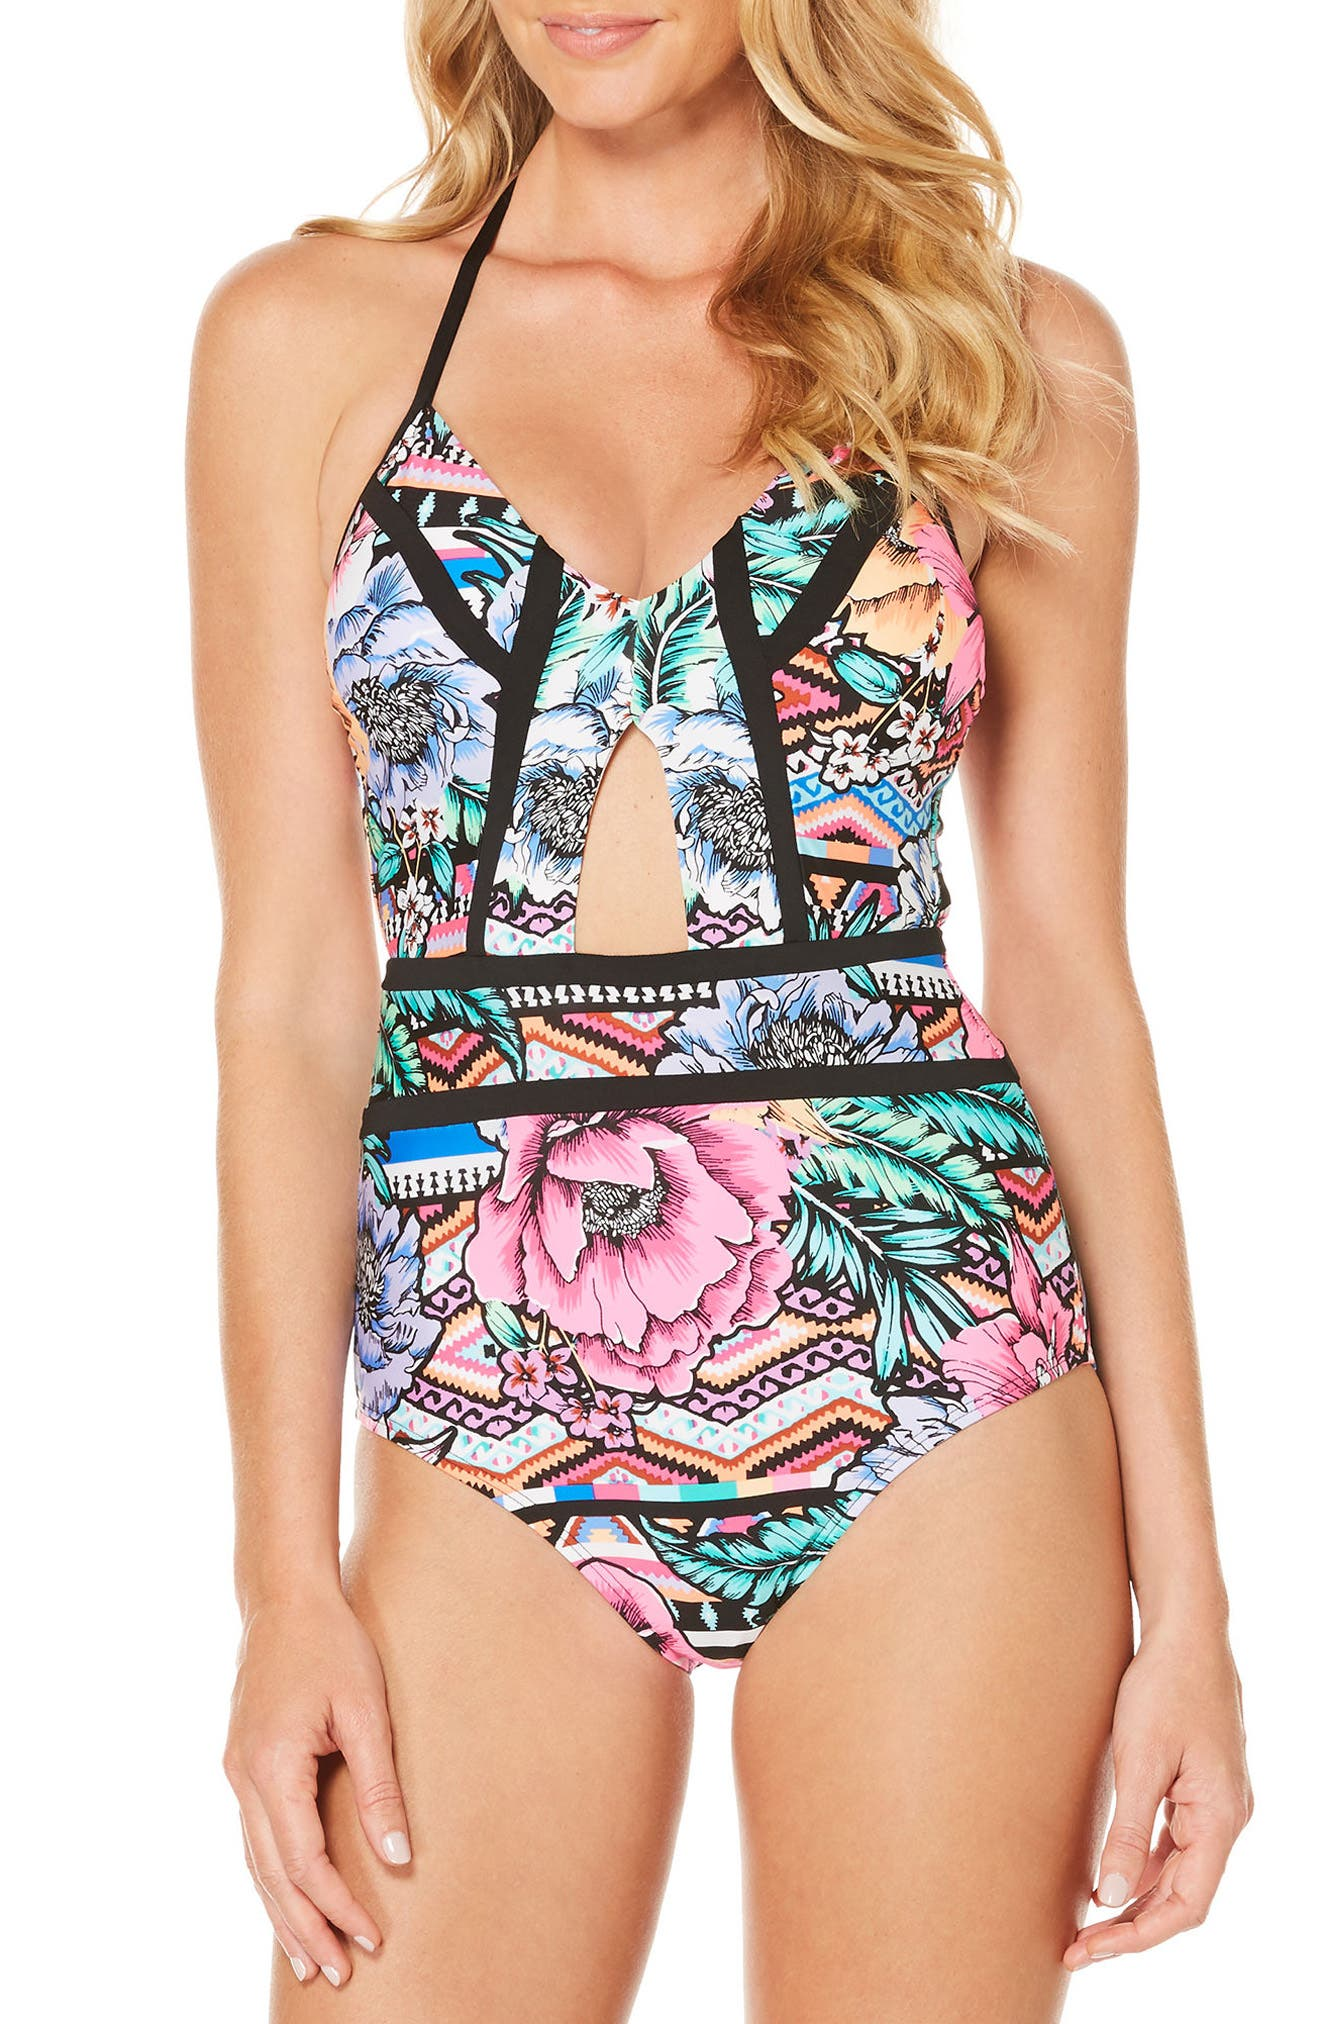 Laguna Flora One-Piece Swimsuit,                             Main thumbnail 1, color,                             001